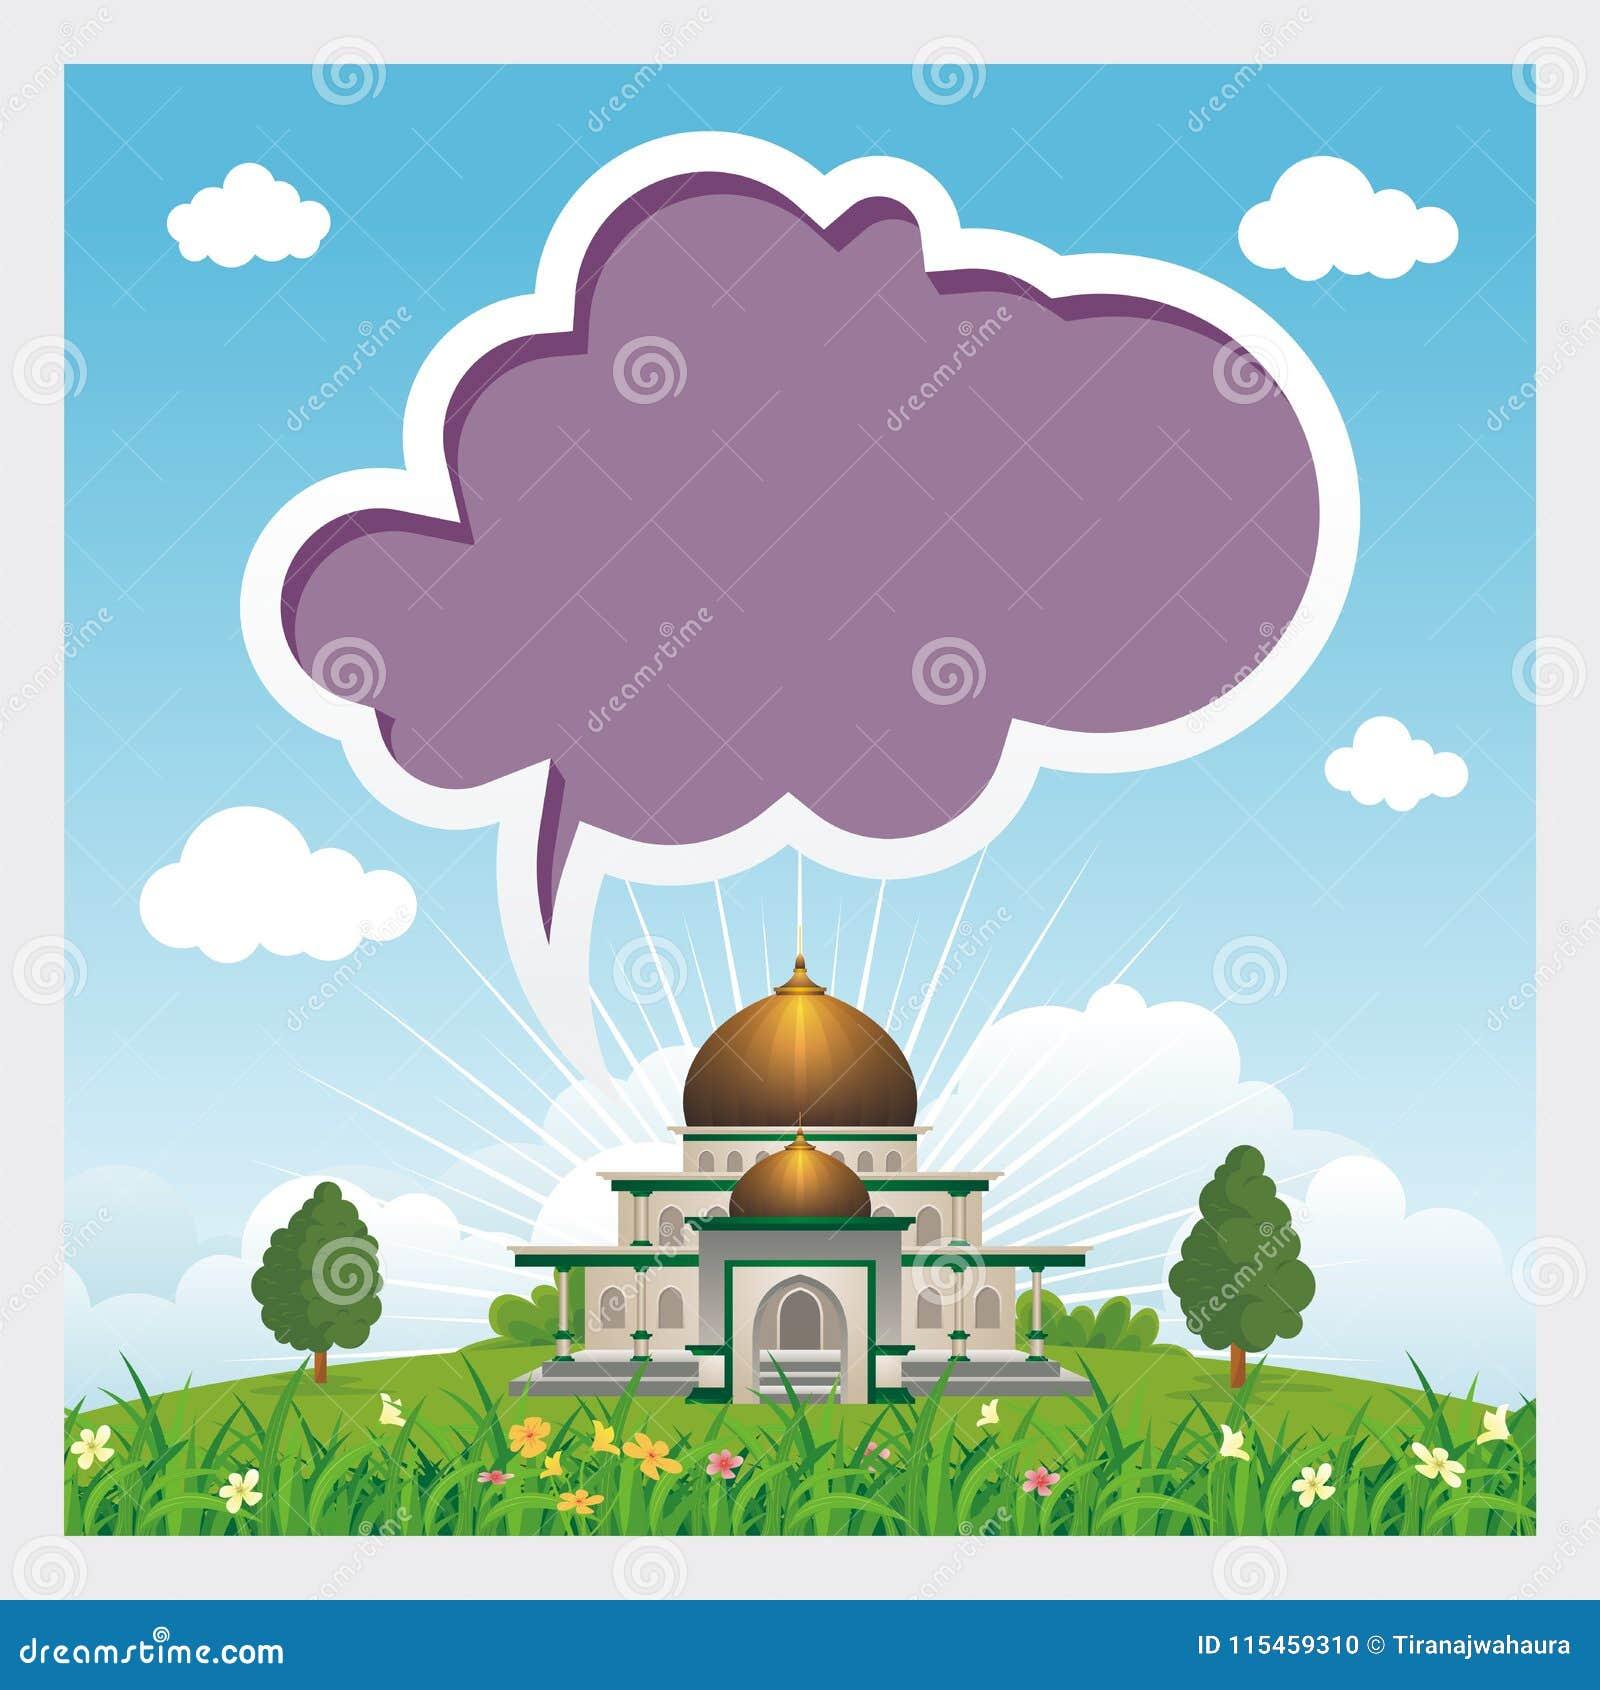 De beeldverhaalmoskee met lege bespreking borrelt de hemel en de wolk